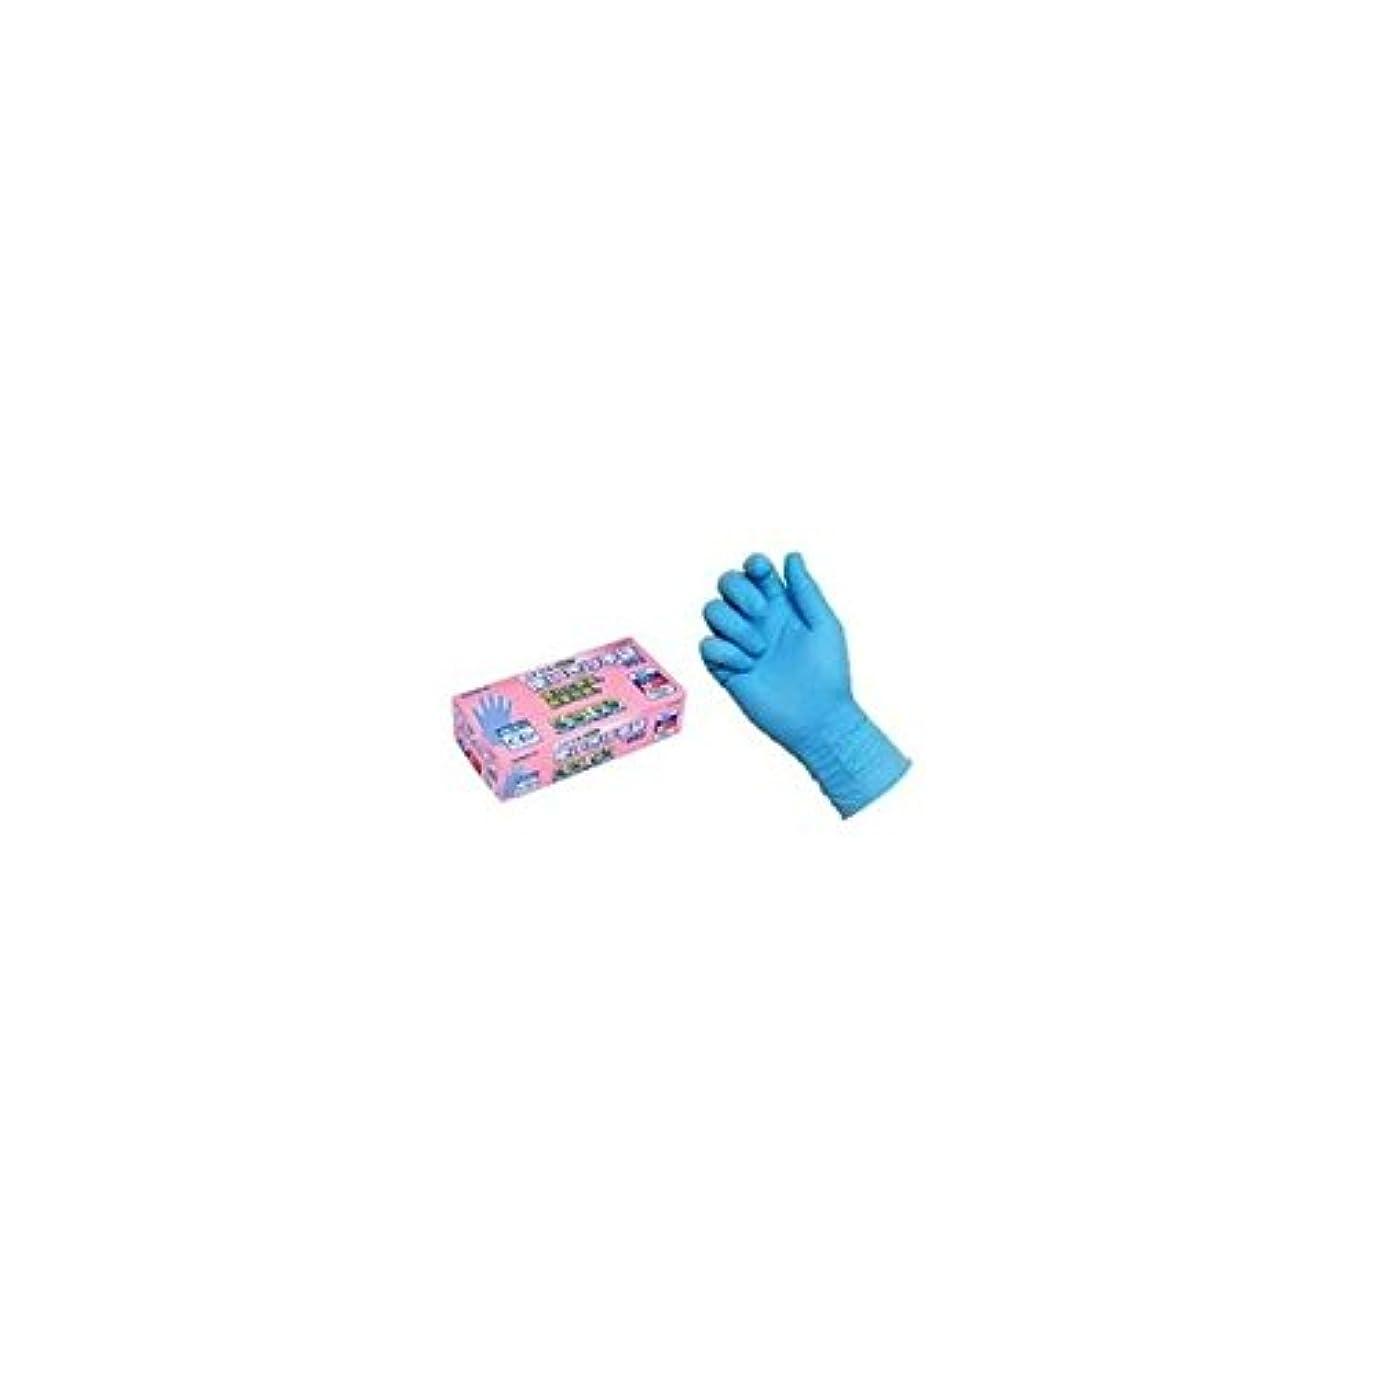 フルーツペストリーファシズムニトリル使いきり手袋 PF NO.992 M ブルー エステー 【商品CD】ST4779